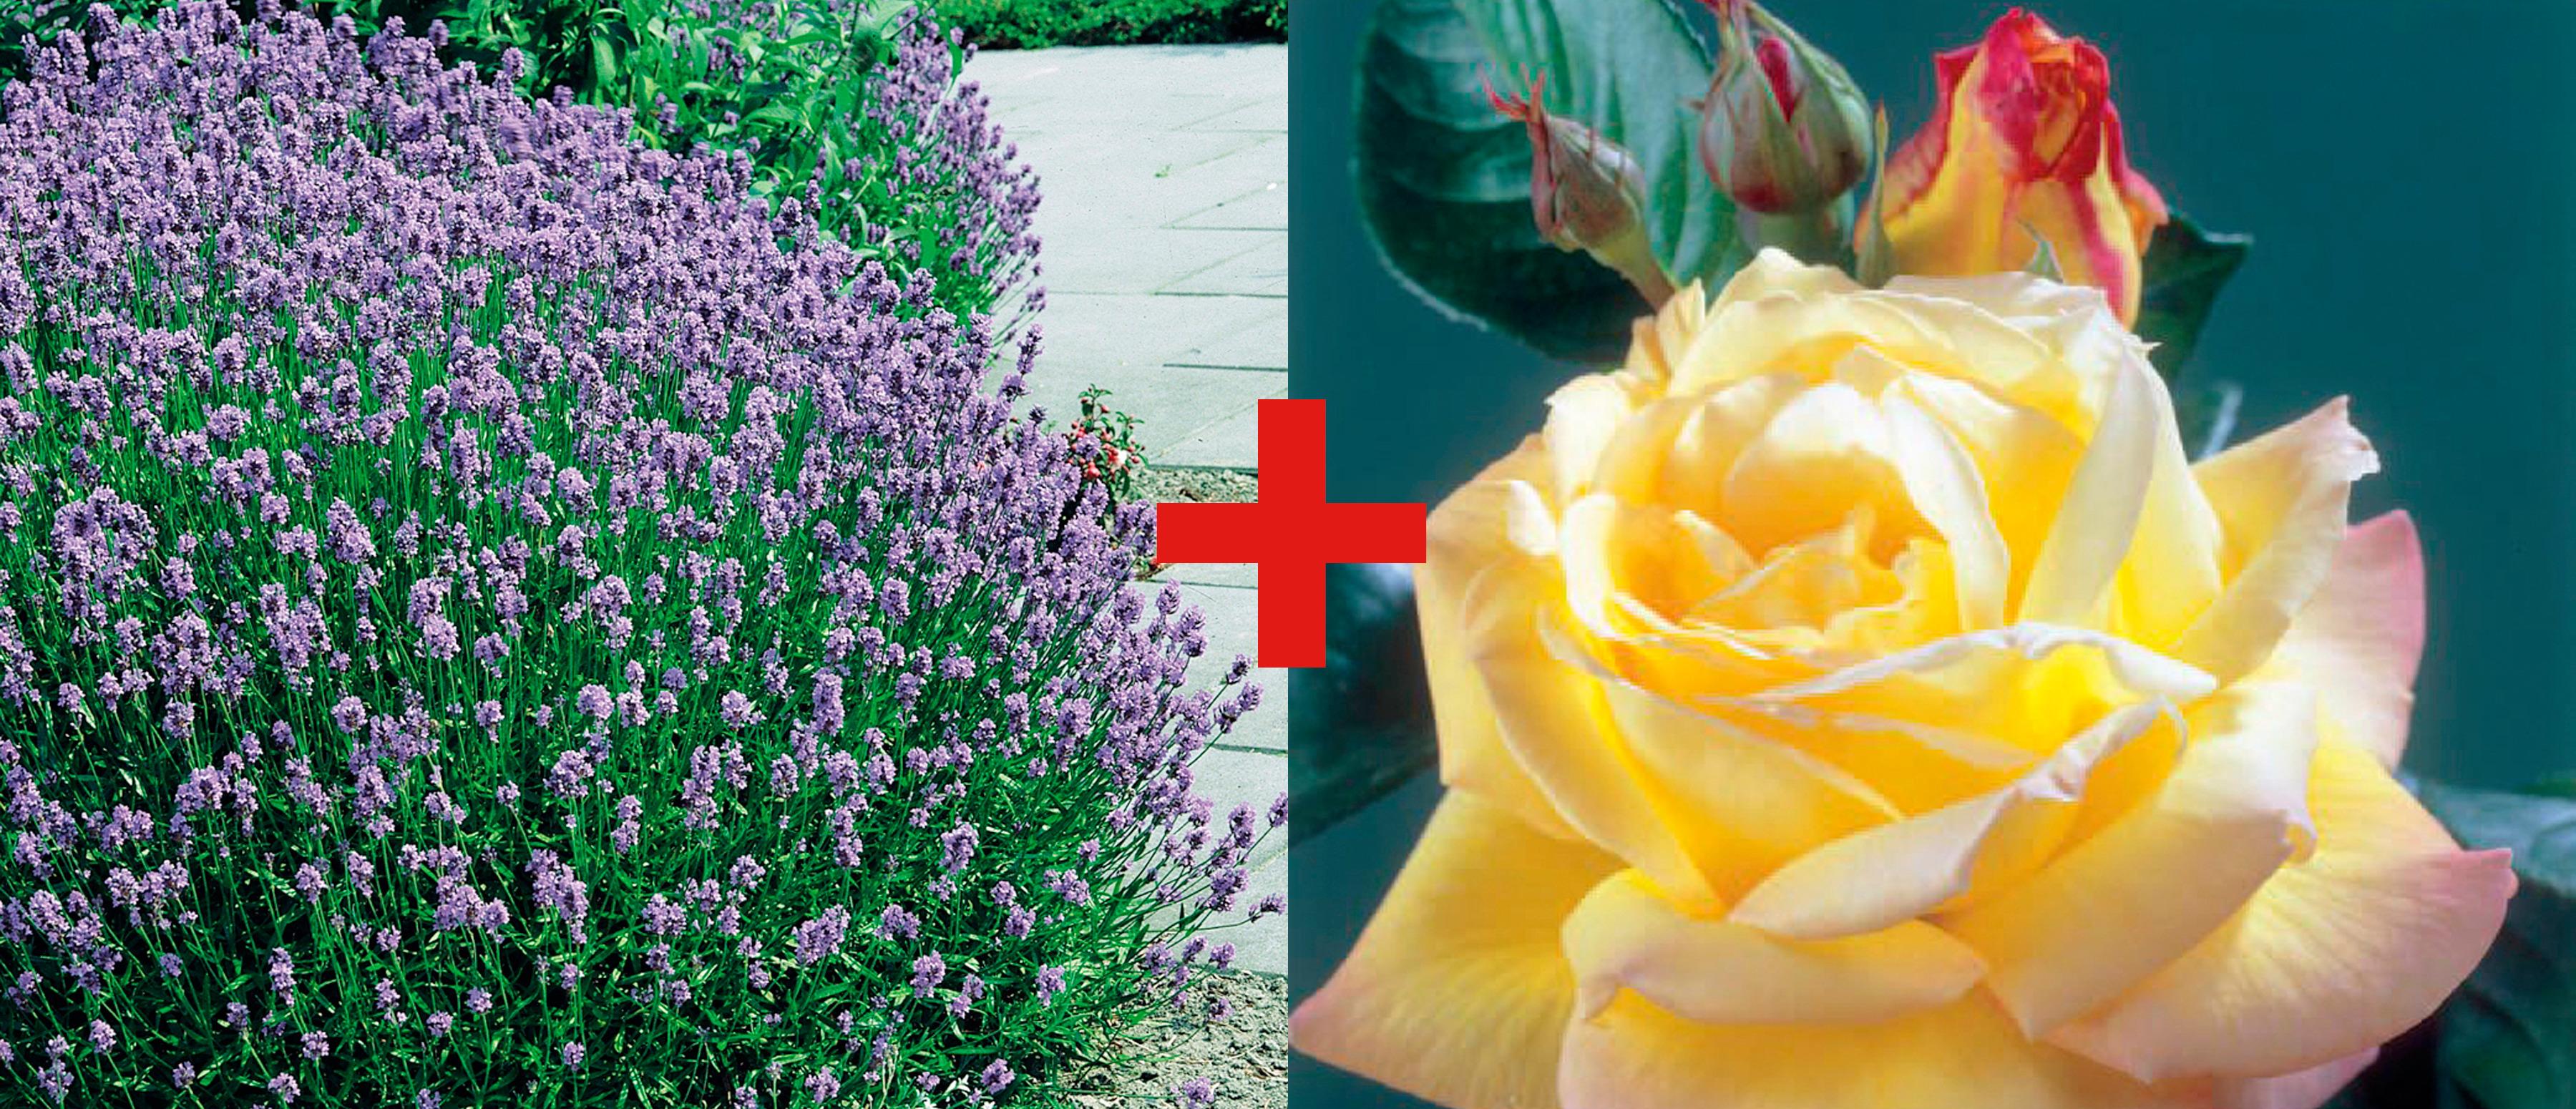 BCM Beetpflanze Rose Peace & Lavendel bunt Beetpflanzen Pflanzen Garten Balkon